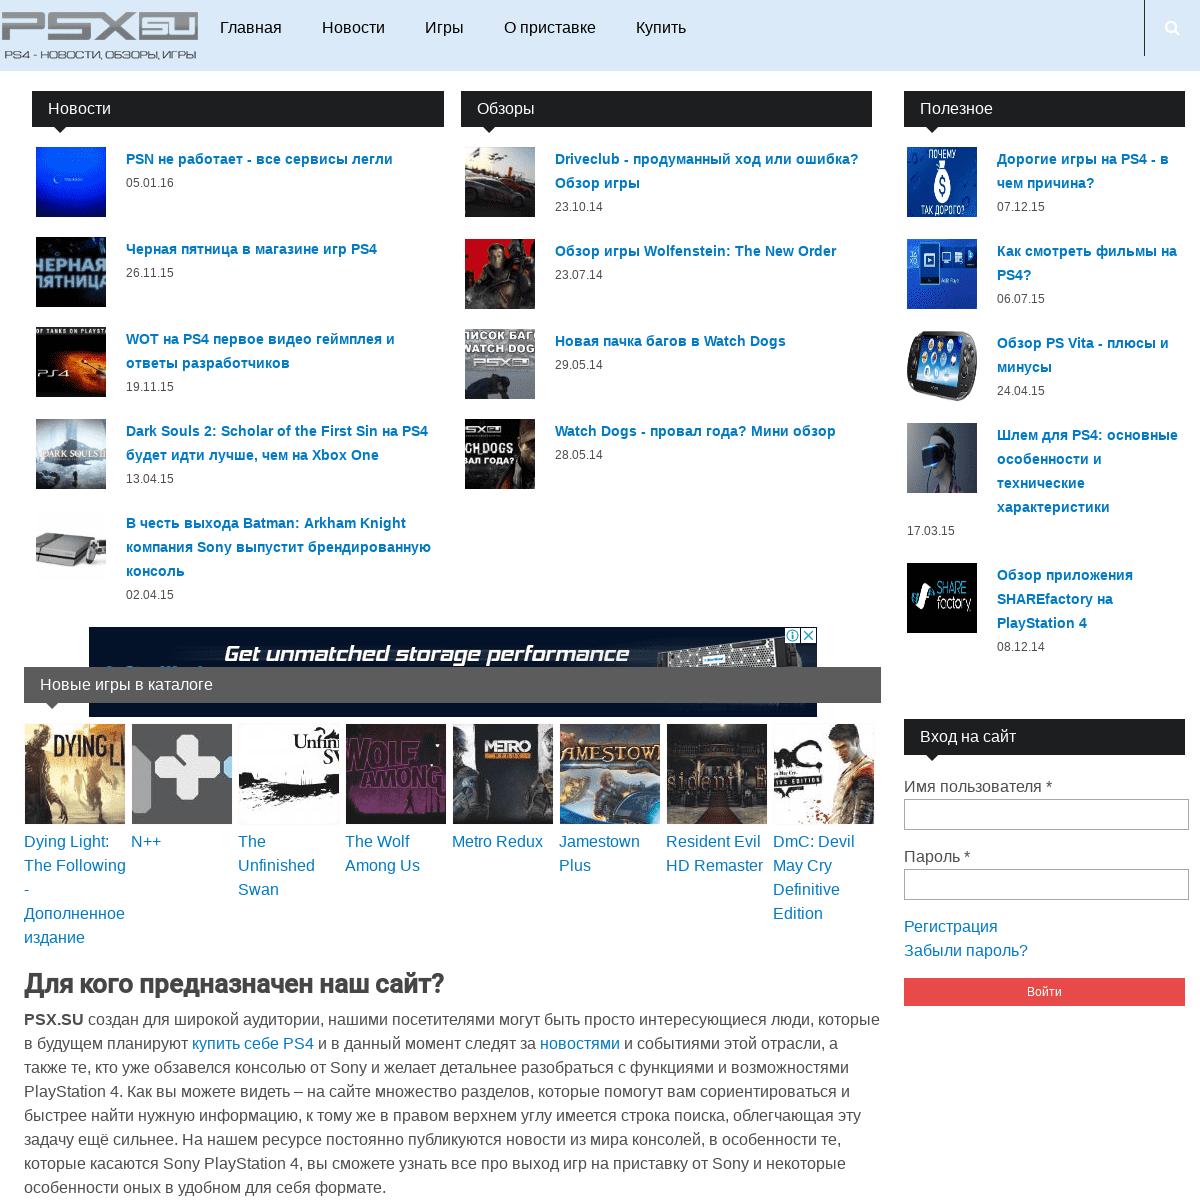 ArchiveBay.com - psx.su - PS4 игры, даты выхода, видео, обзоры и новости Sony Playstation 4